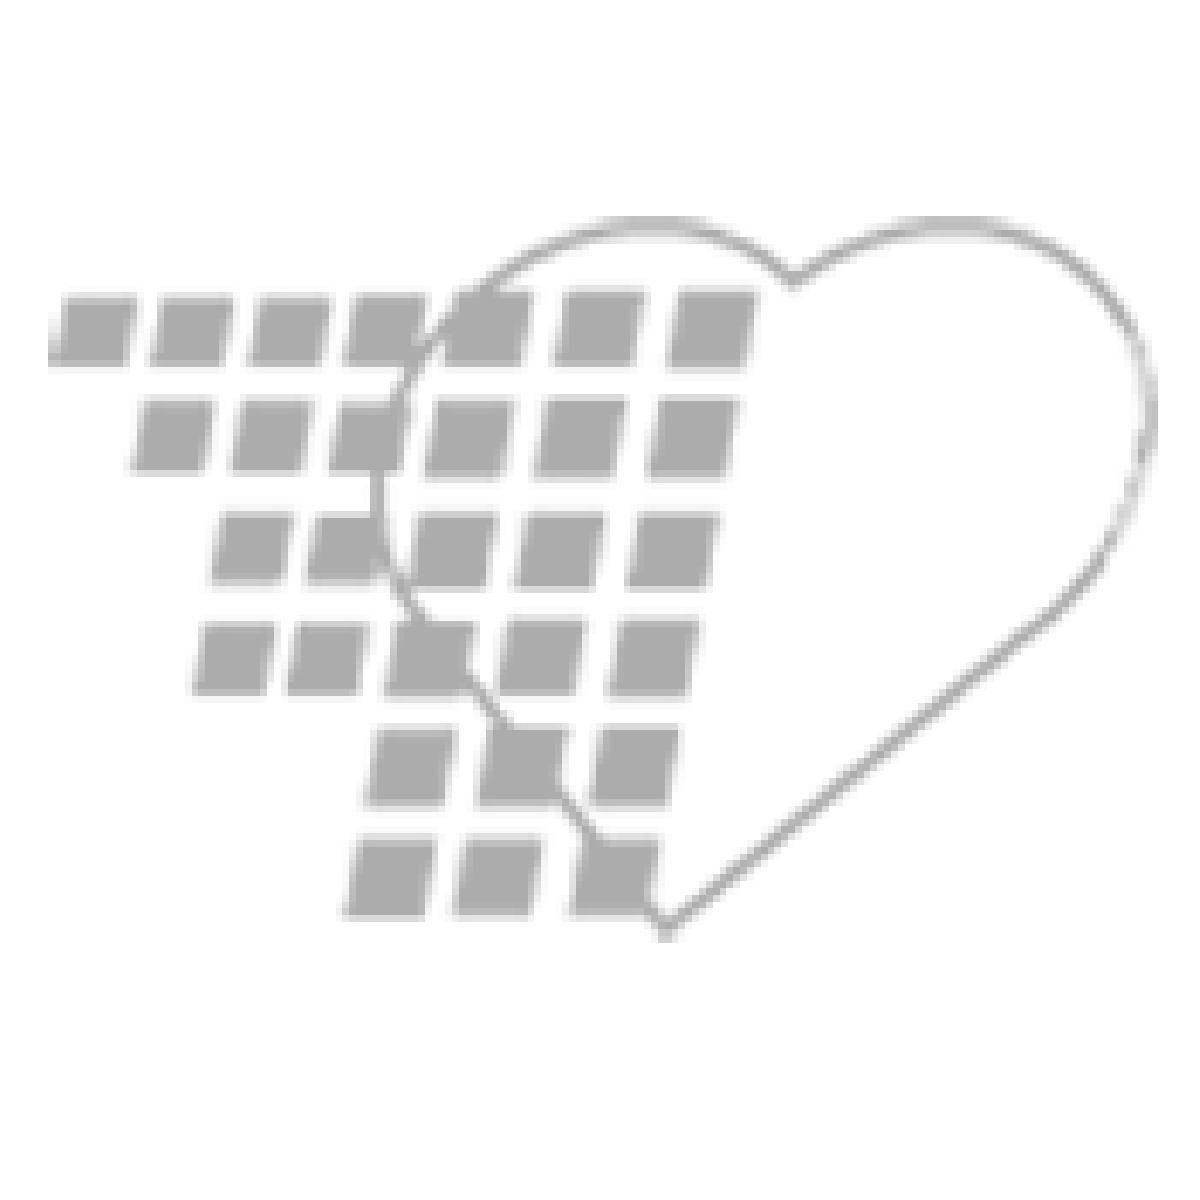 05-87-3016 Urological Latex Siliconized Foley Catheter